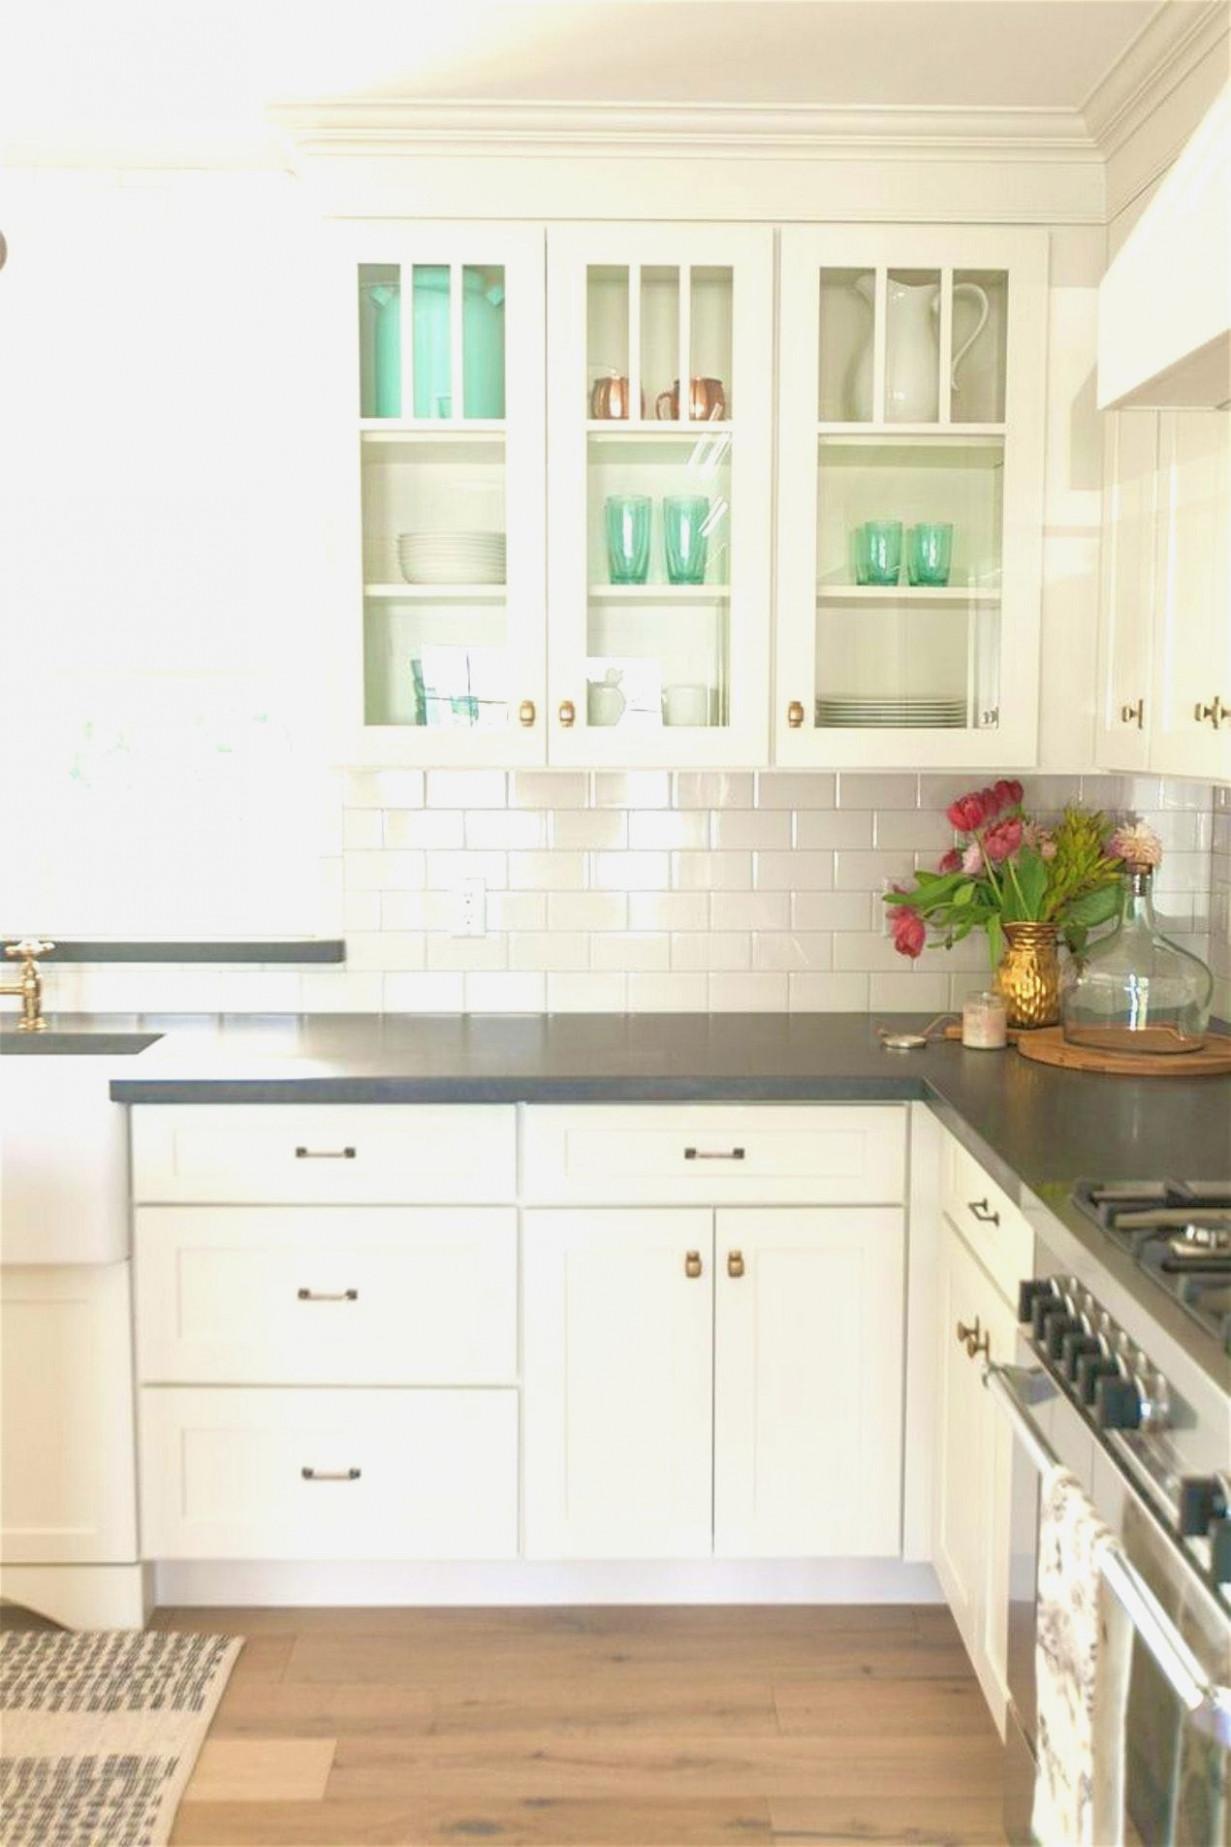 hardwood floor tile kitchen of floors and decor stunning tile kitchen in kitchen design 0d design throughout image of kitchen tile backsplash ideas with white cabinets awesome backsplash